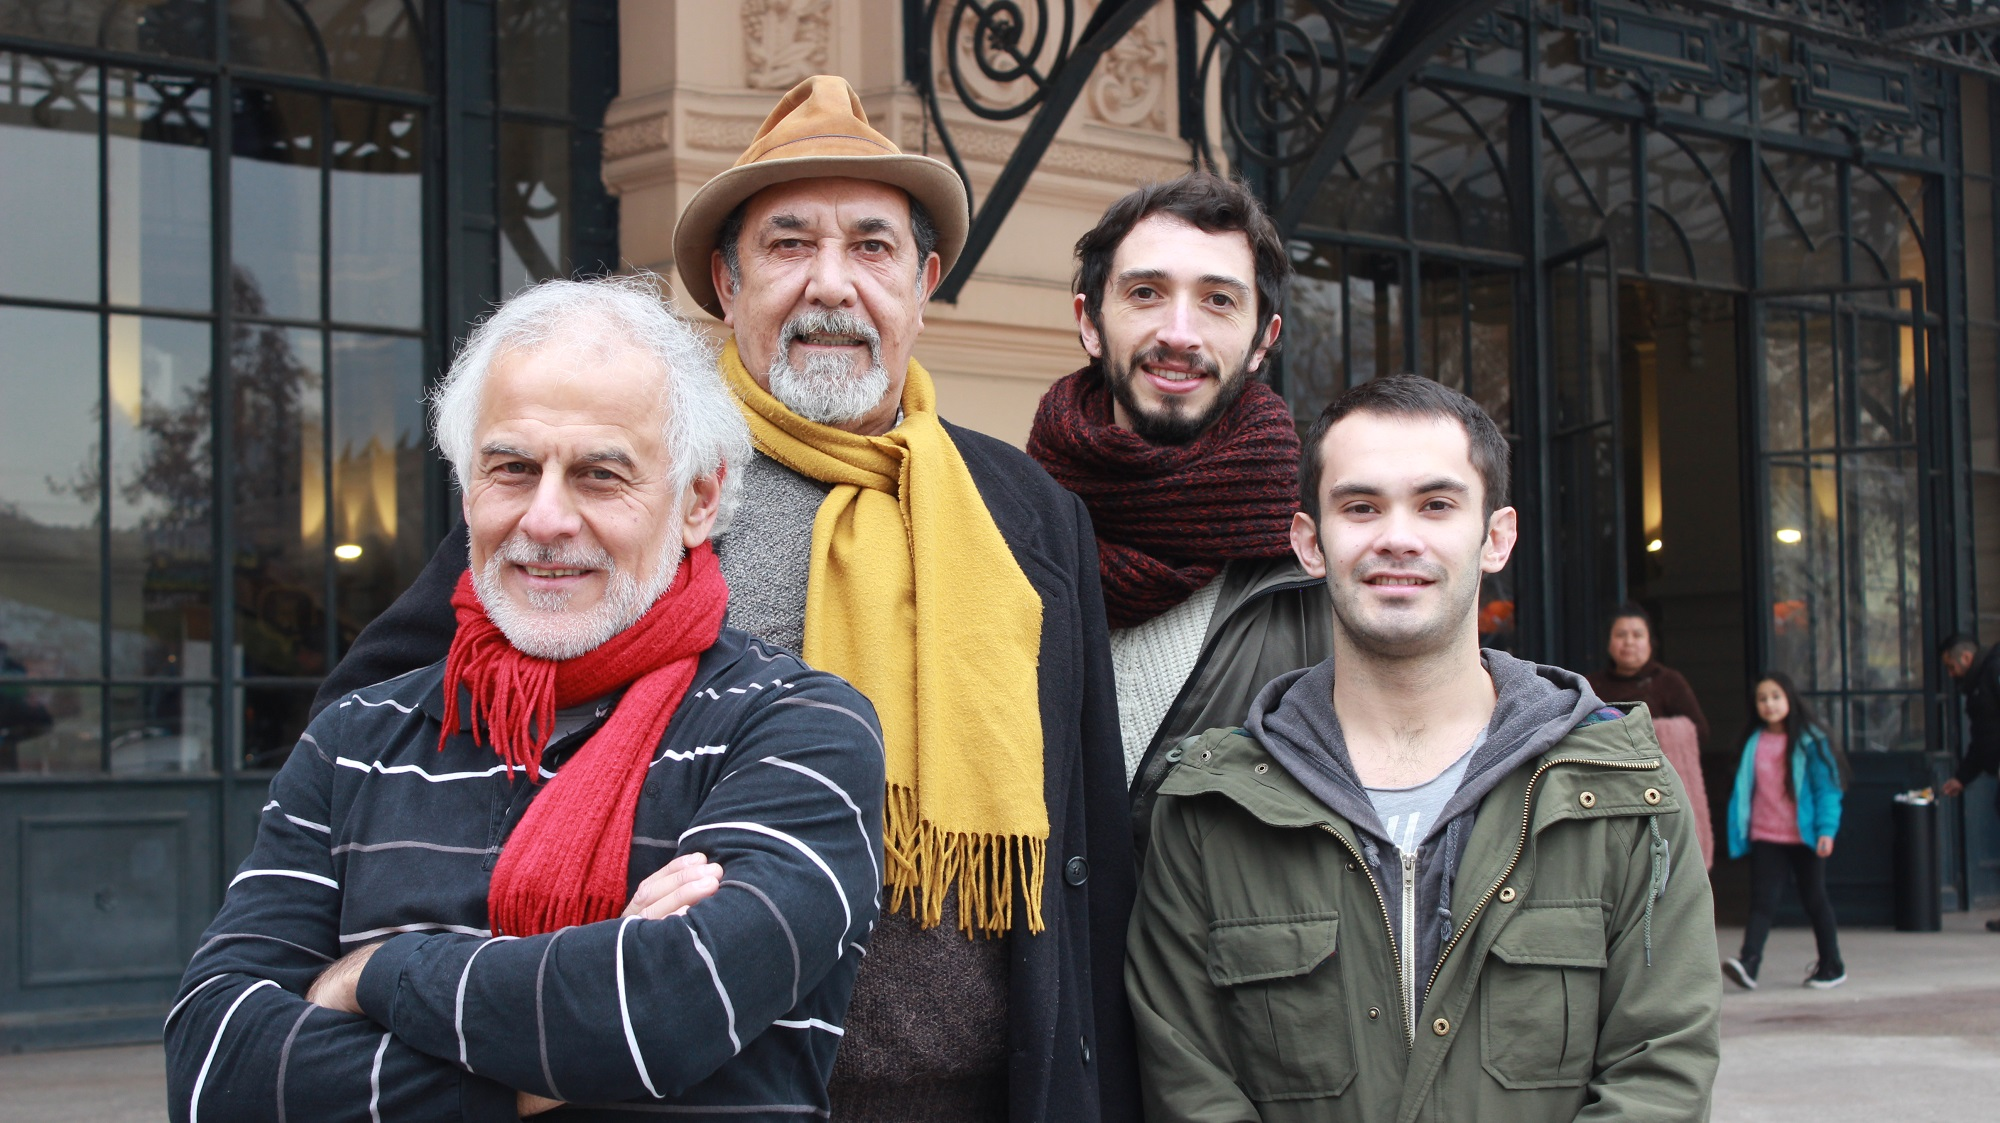 Hemingway llega al teatro a la chilena y escrito en décima